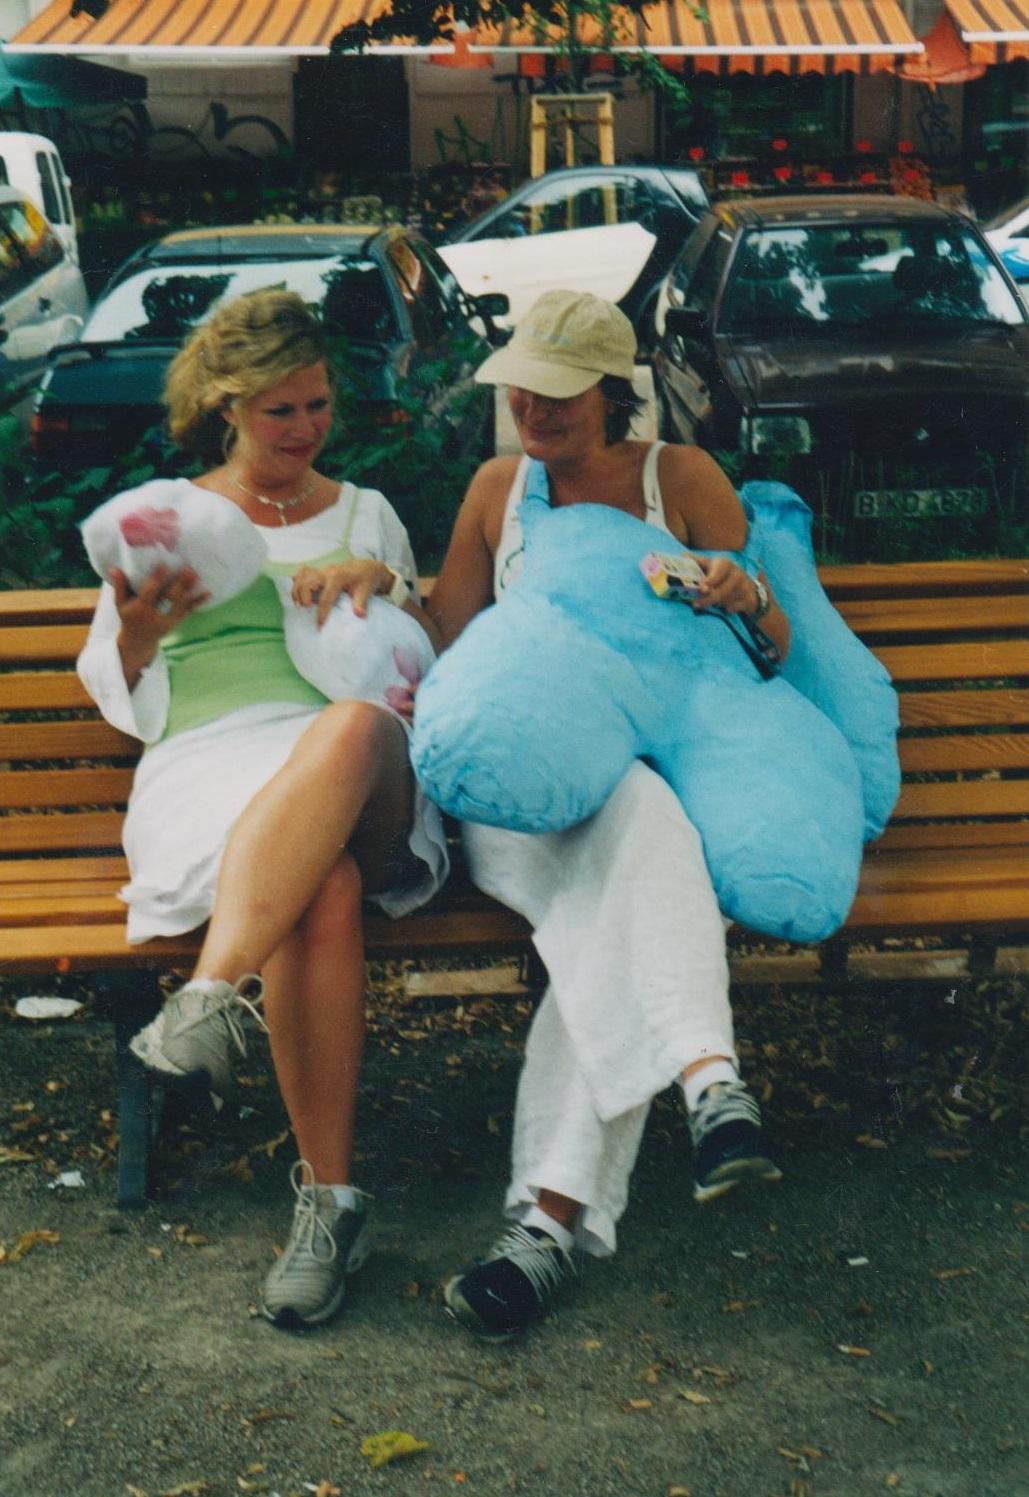 Alexandra Holownia, Skulpturen Kostüm- Kunstproject Dolly Baum- Wismar Platz-Berlin 2002